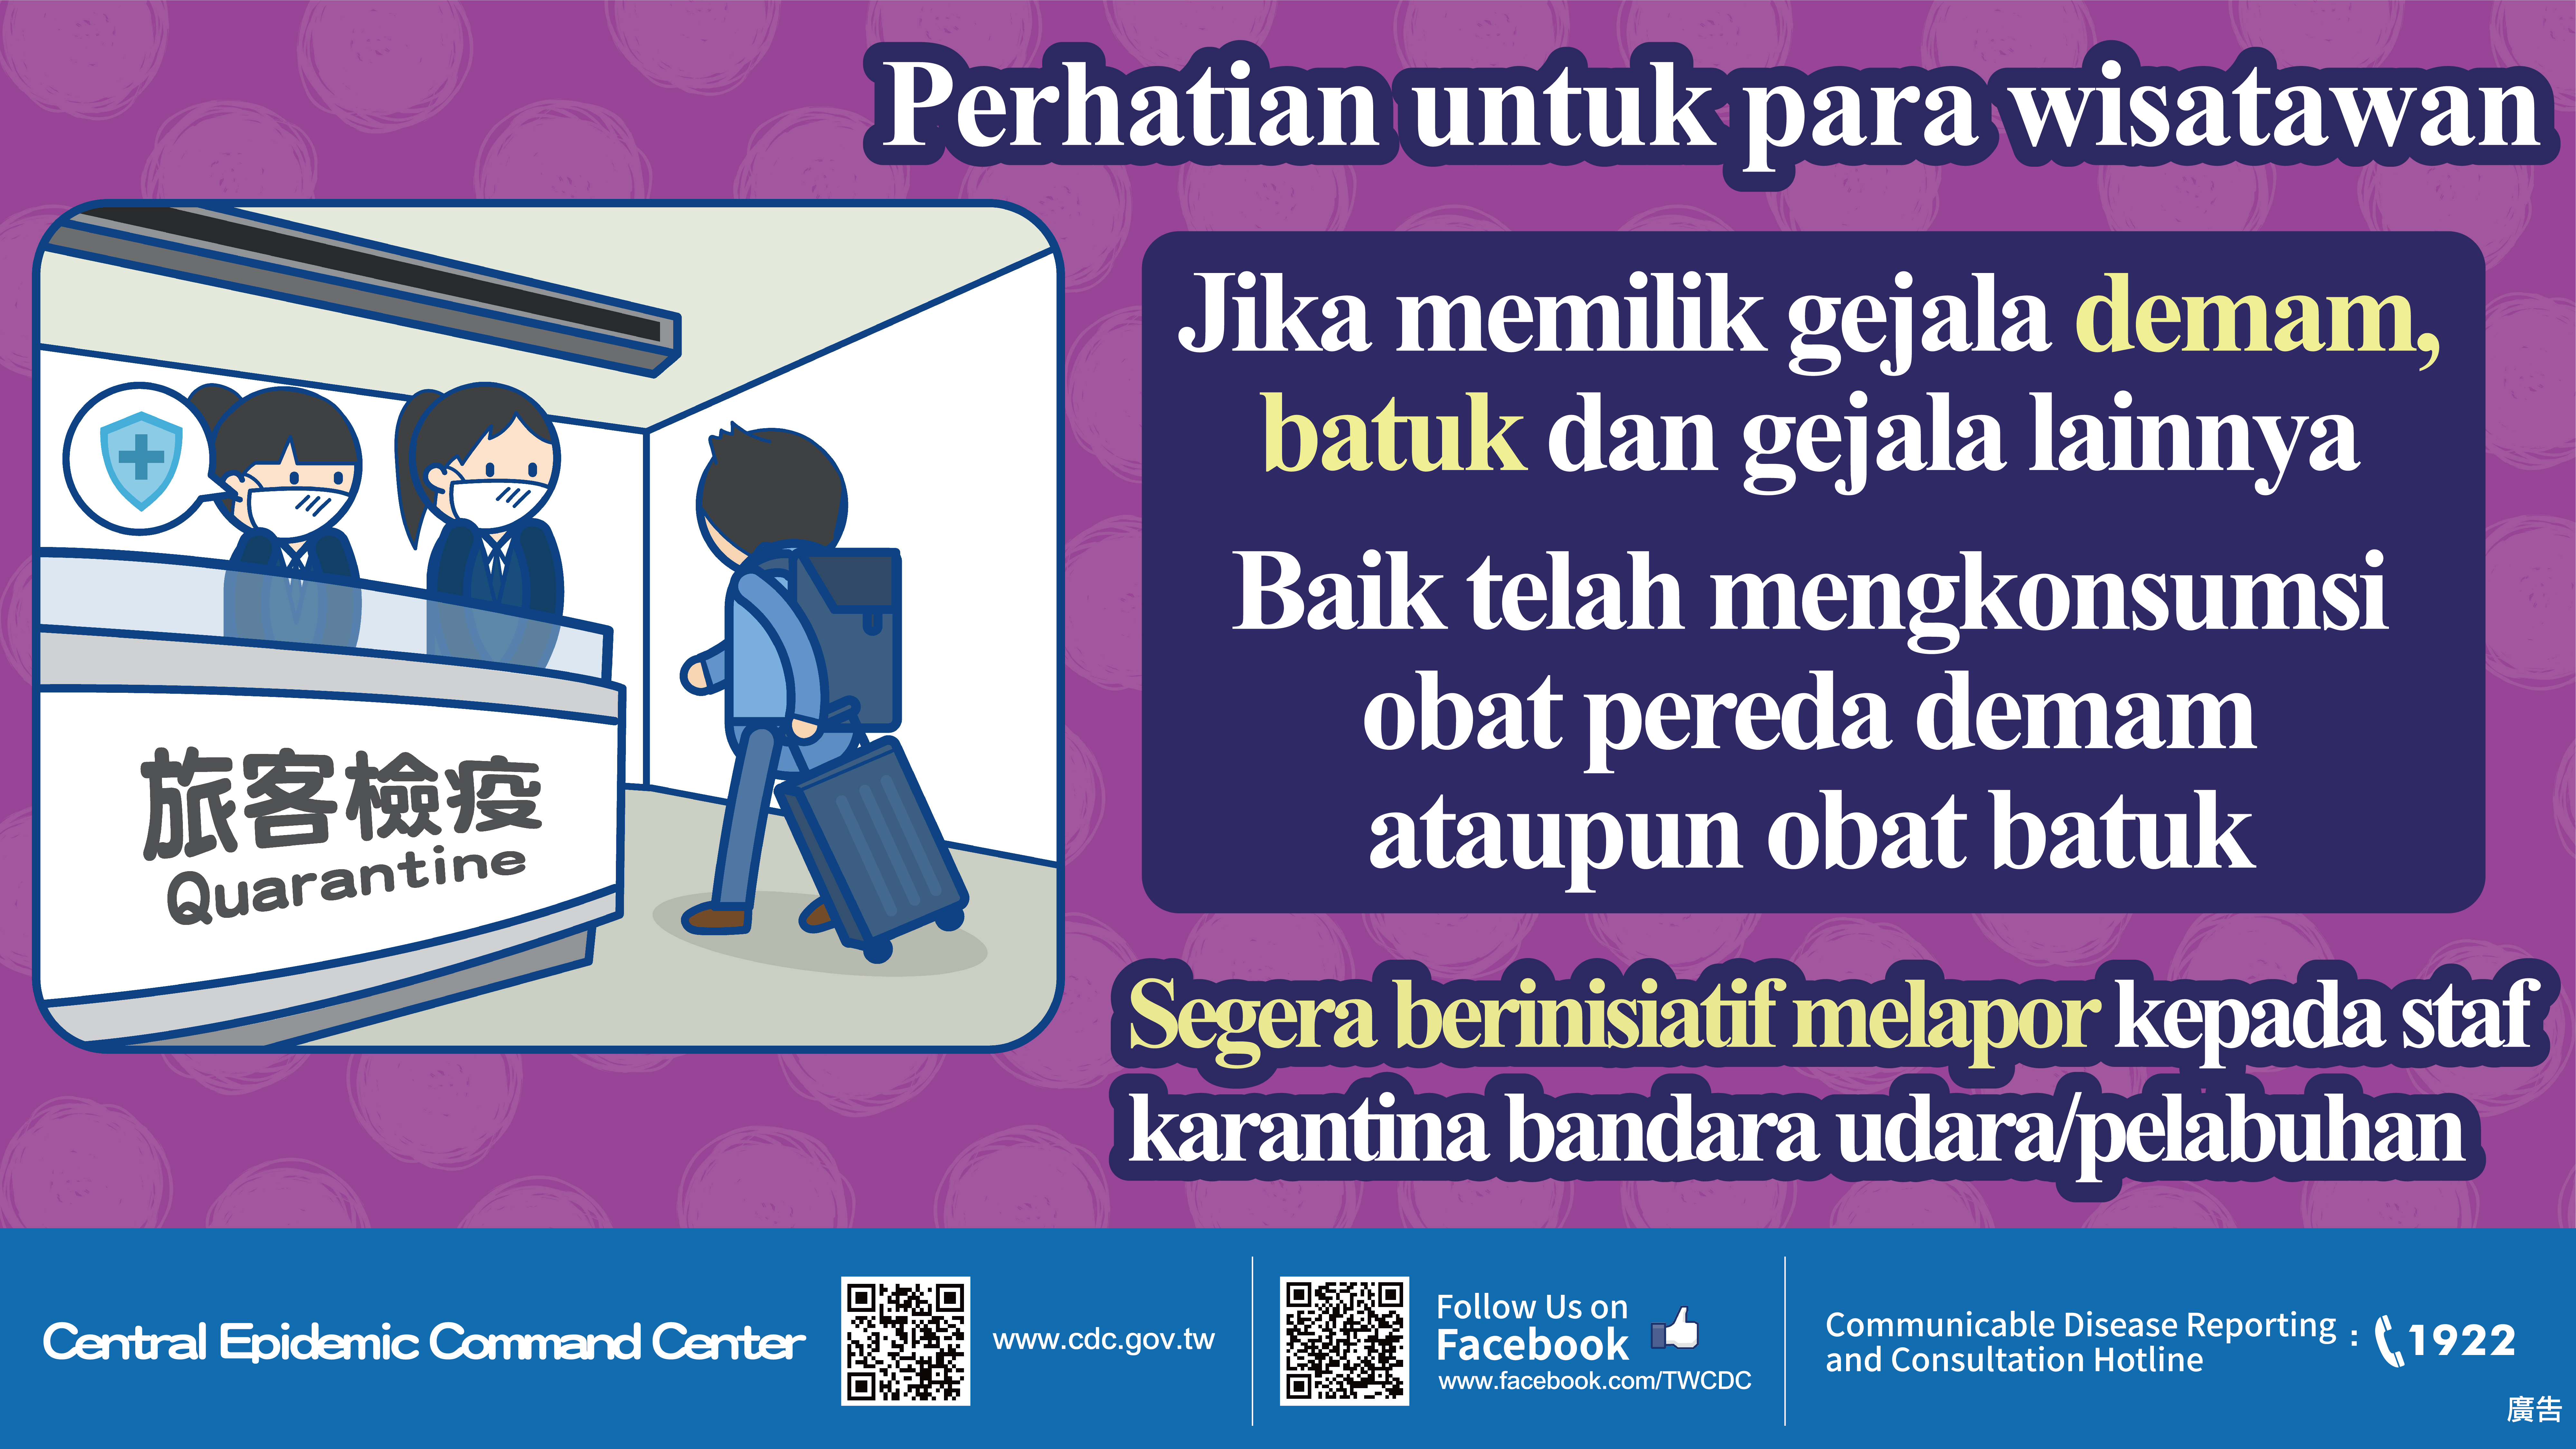 入境旅客請注意_橫式(印尼)